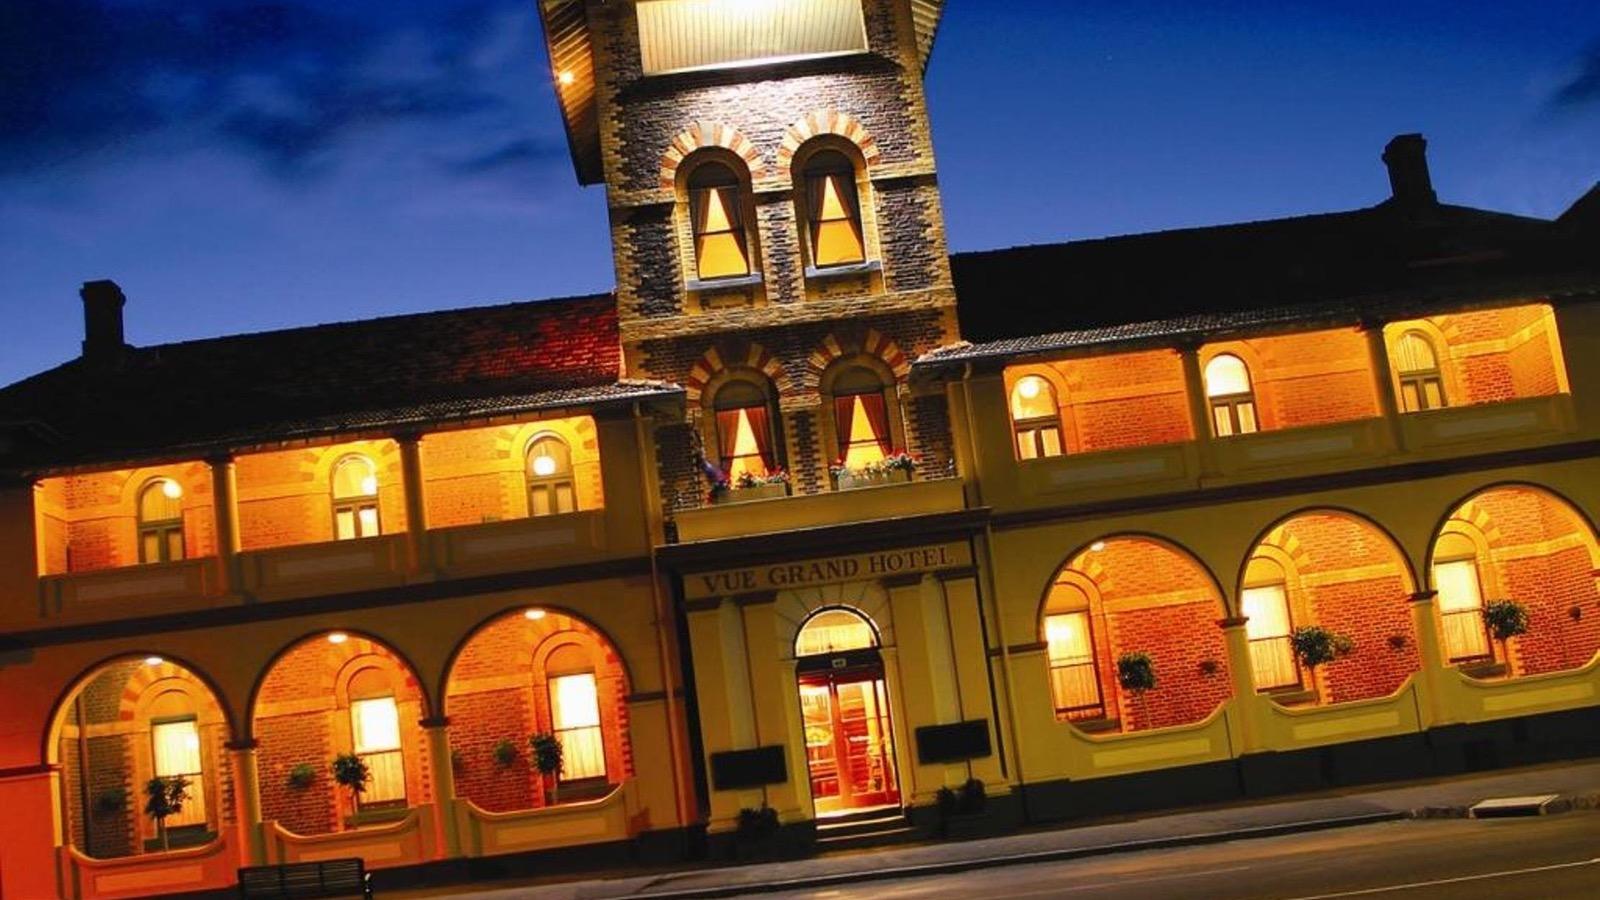 Vue Grand Hotel